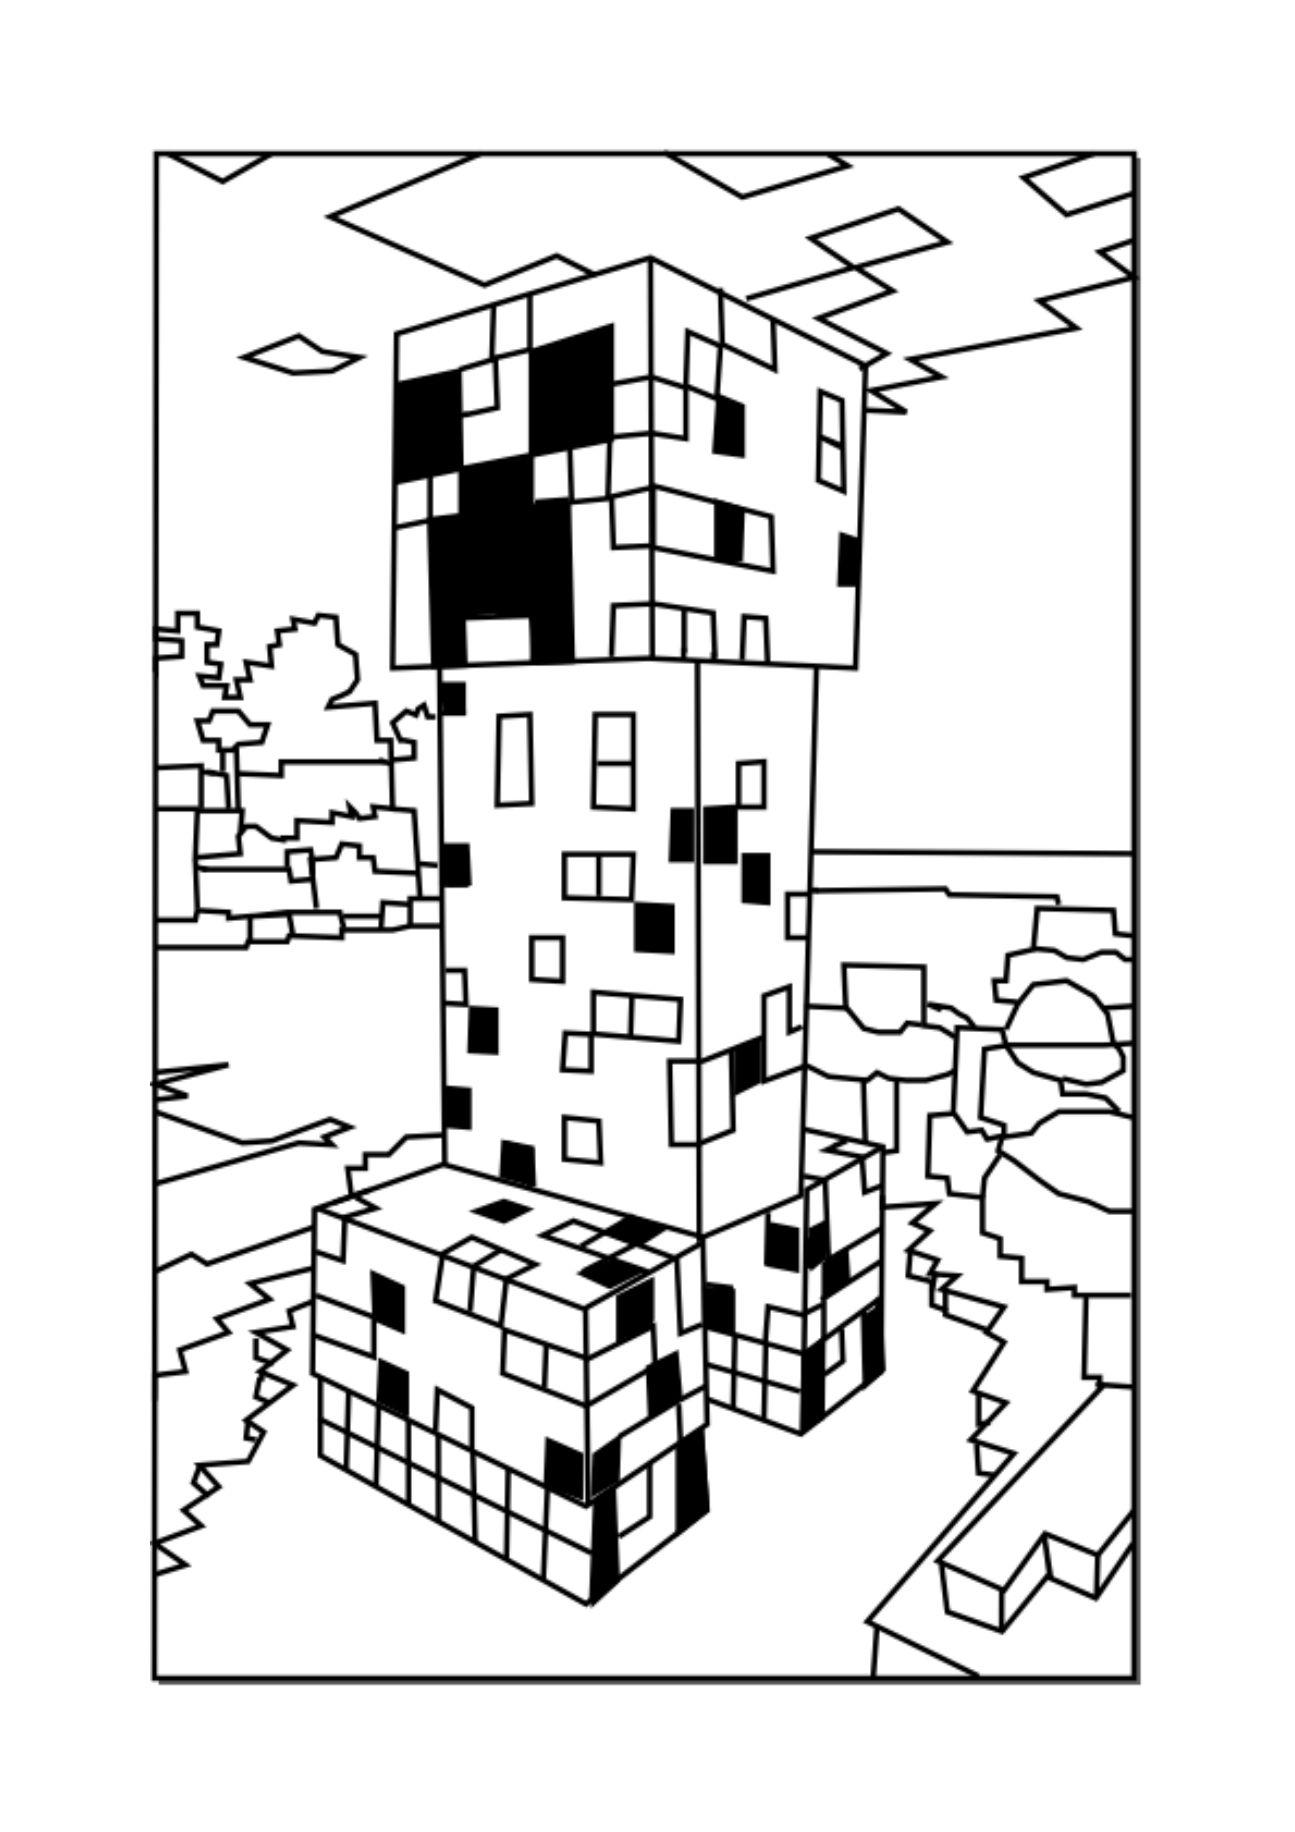 Élégant Dessin A Colorier Et A Imprimer Minecraft